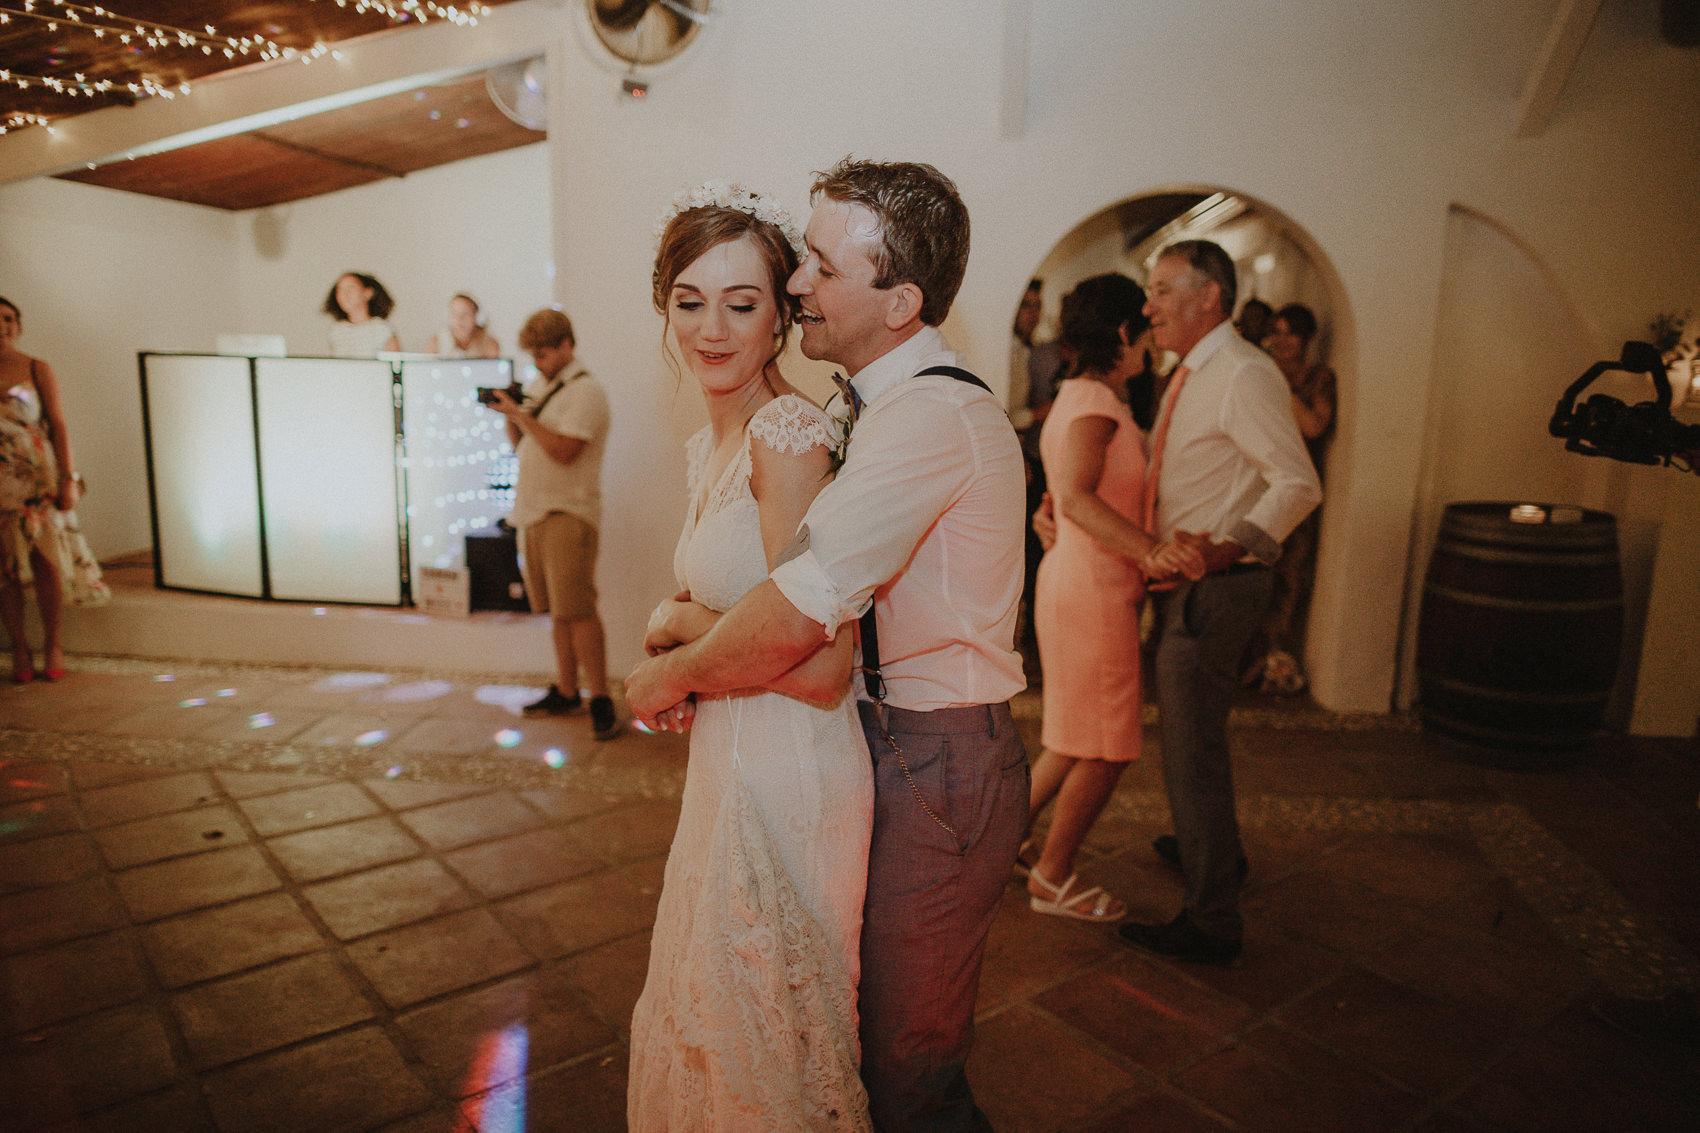 Sarah & Bill | Summer wedding at Cortijo Rosa Blanca | Marbella - Spain 162